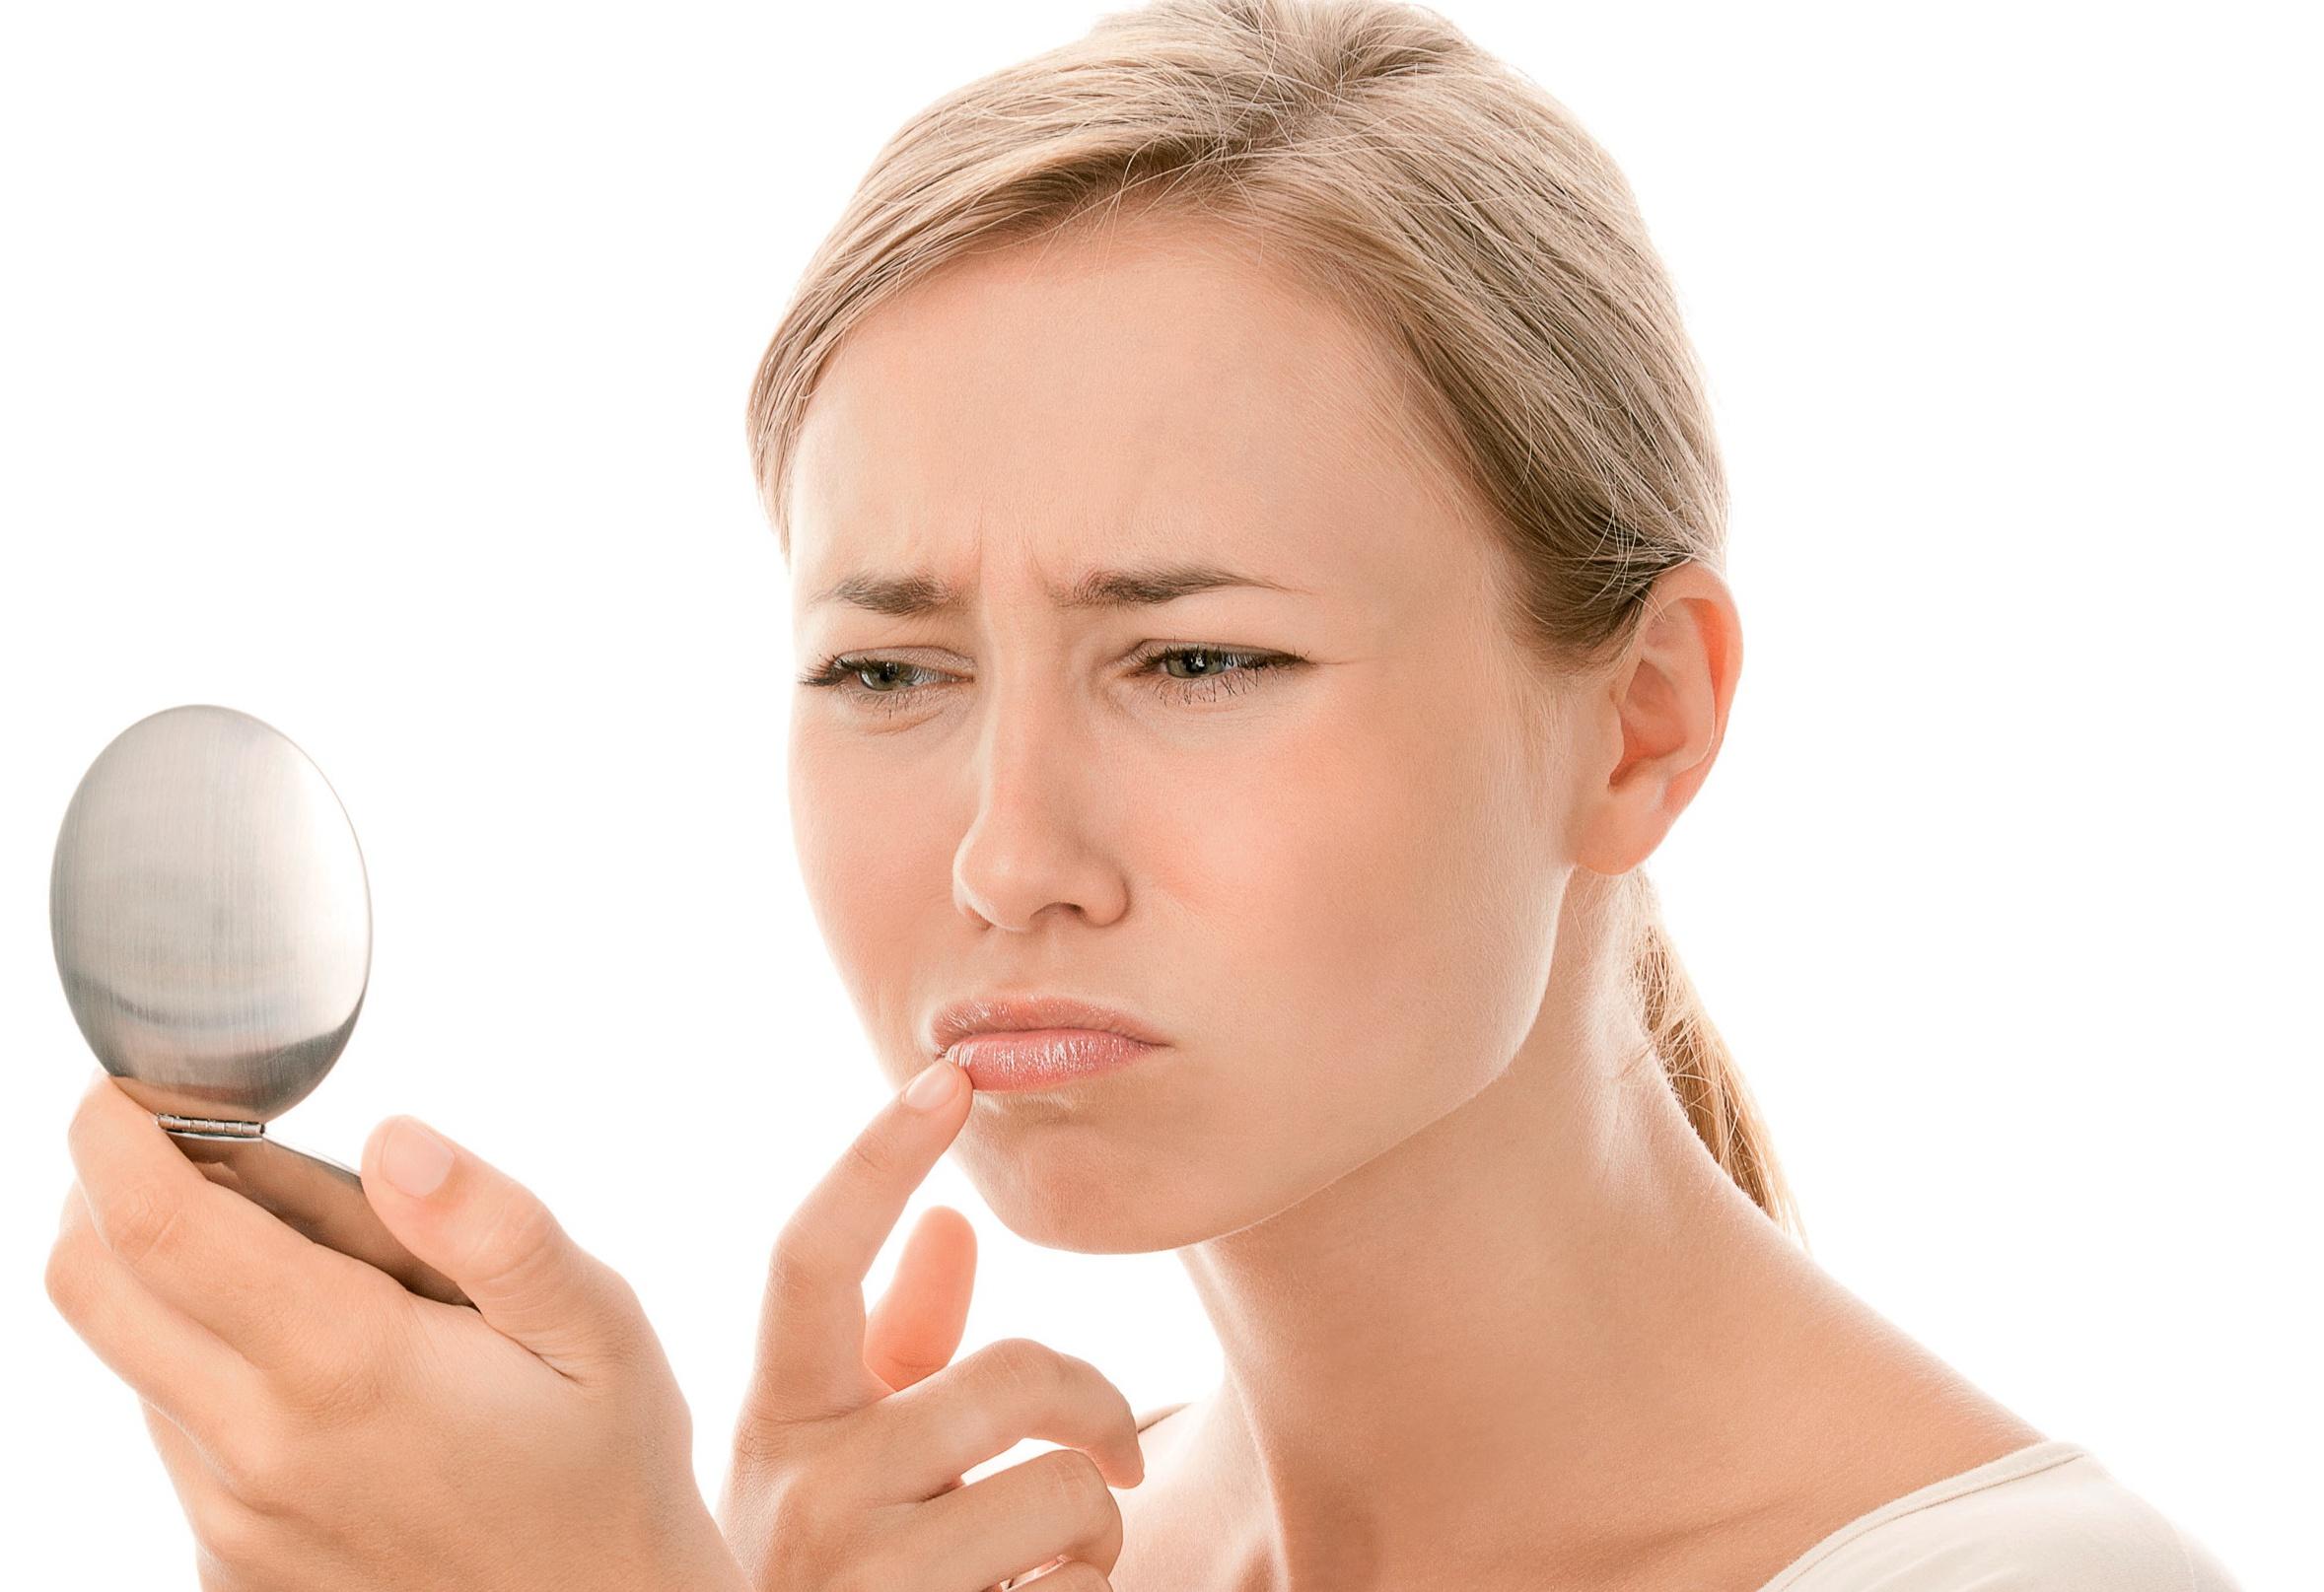 Заїди в куточках рота і губ: причини і лікування у дорослих і дитини, як позбутися?